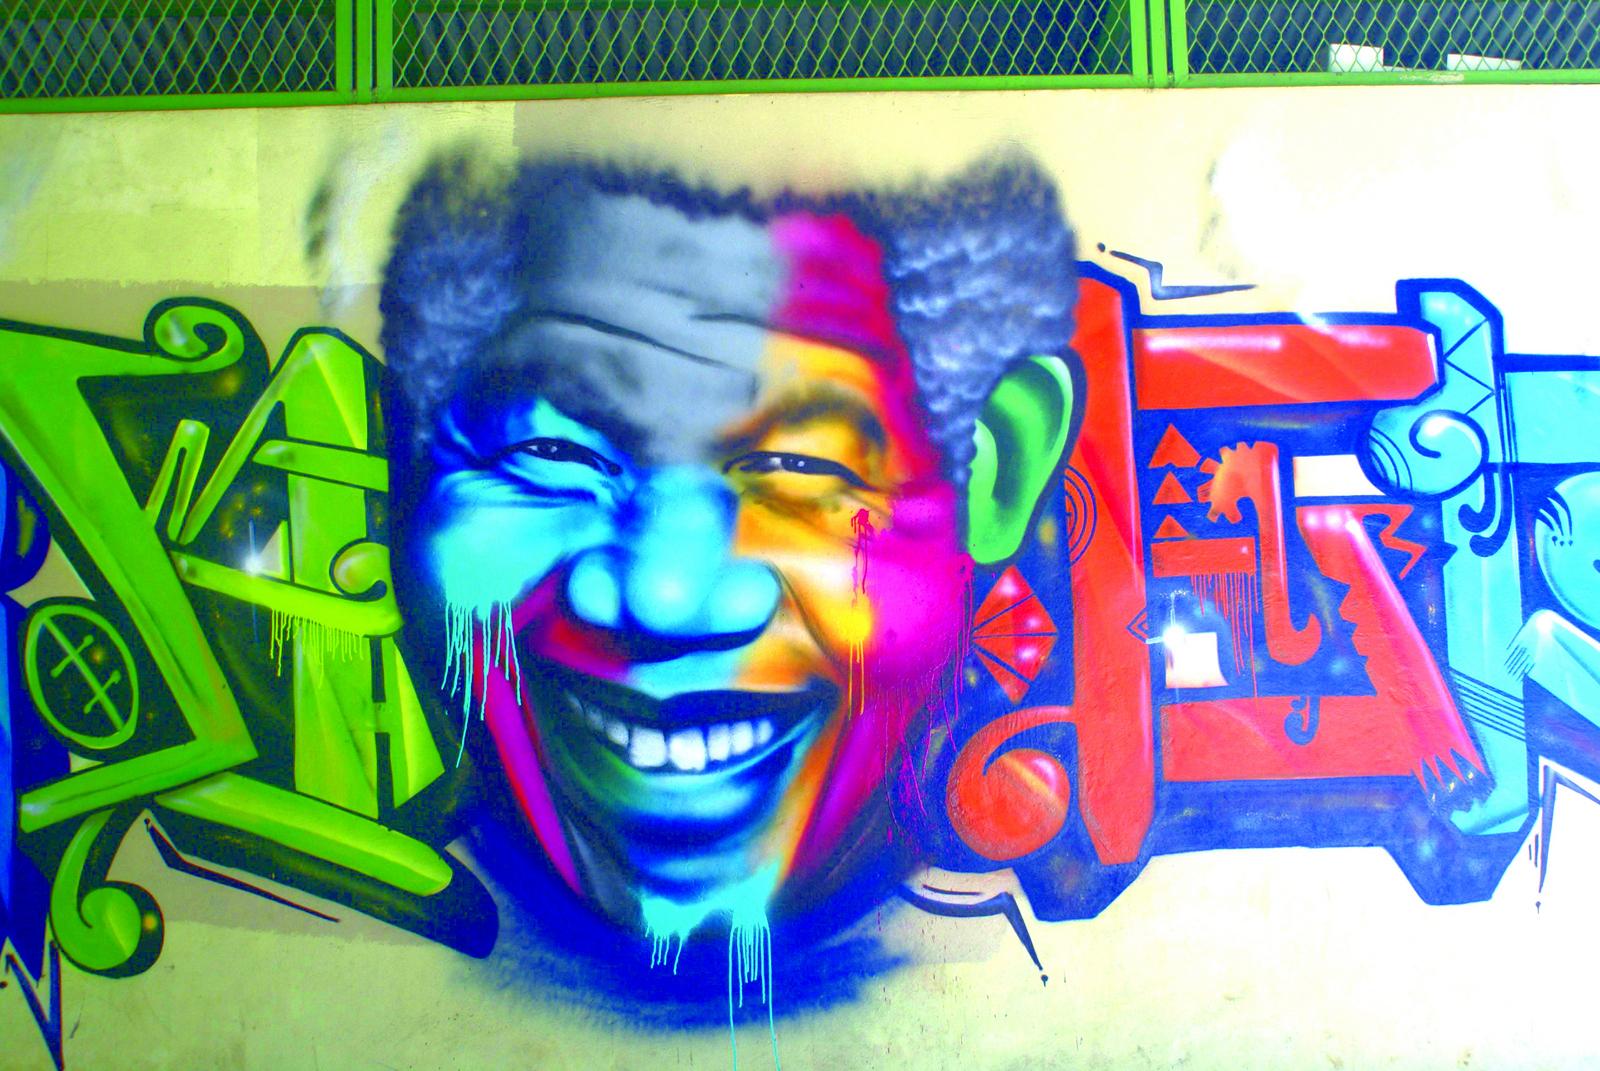 """Des tags anonymes déposés ça et là aux pièces """"sous contrat"""", un vrai panorama de l'art urbain en Polynésie est présenté. (Enos)"""